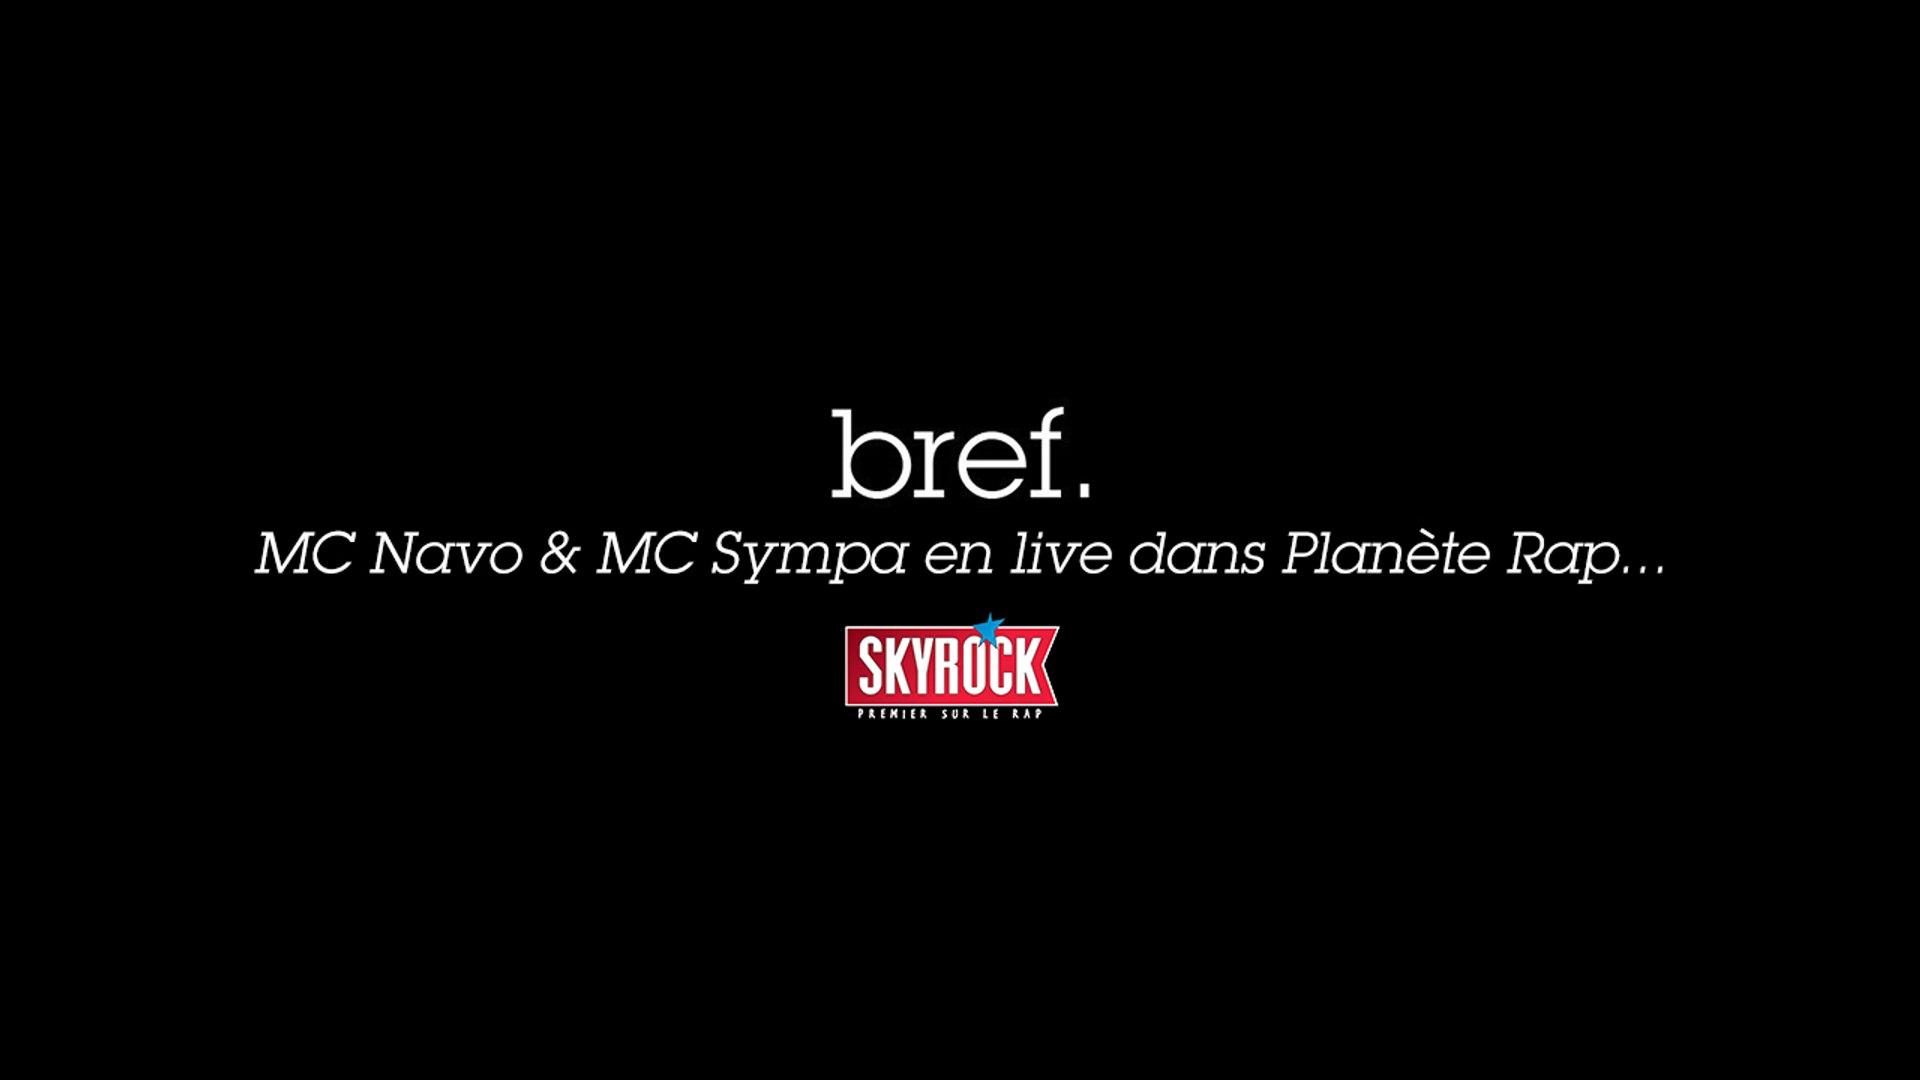 MC Navo et Mc Sympa (Kyan Khojandi) en live dans Planète Rap !